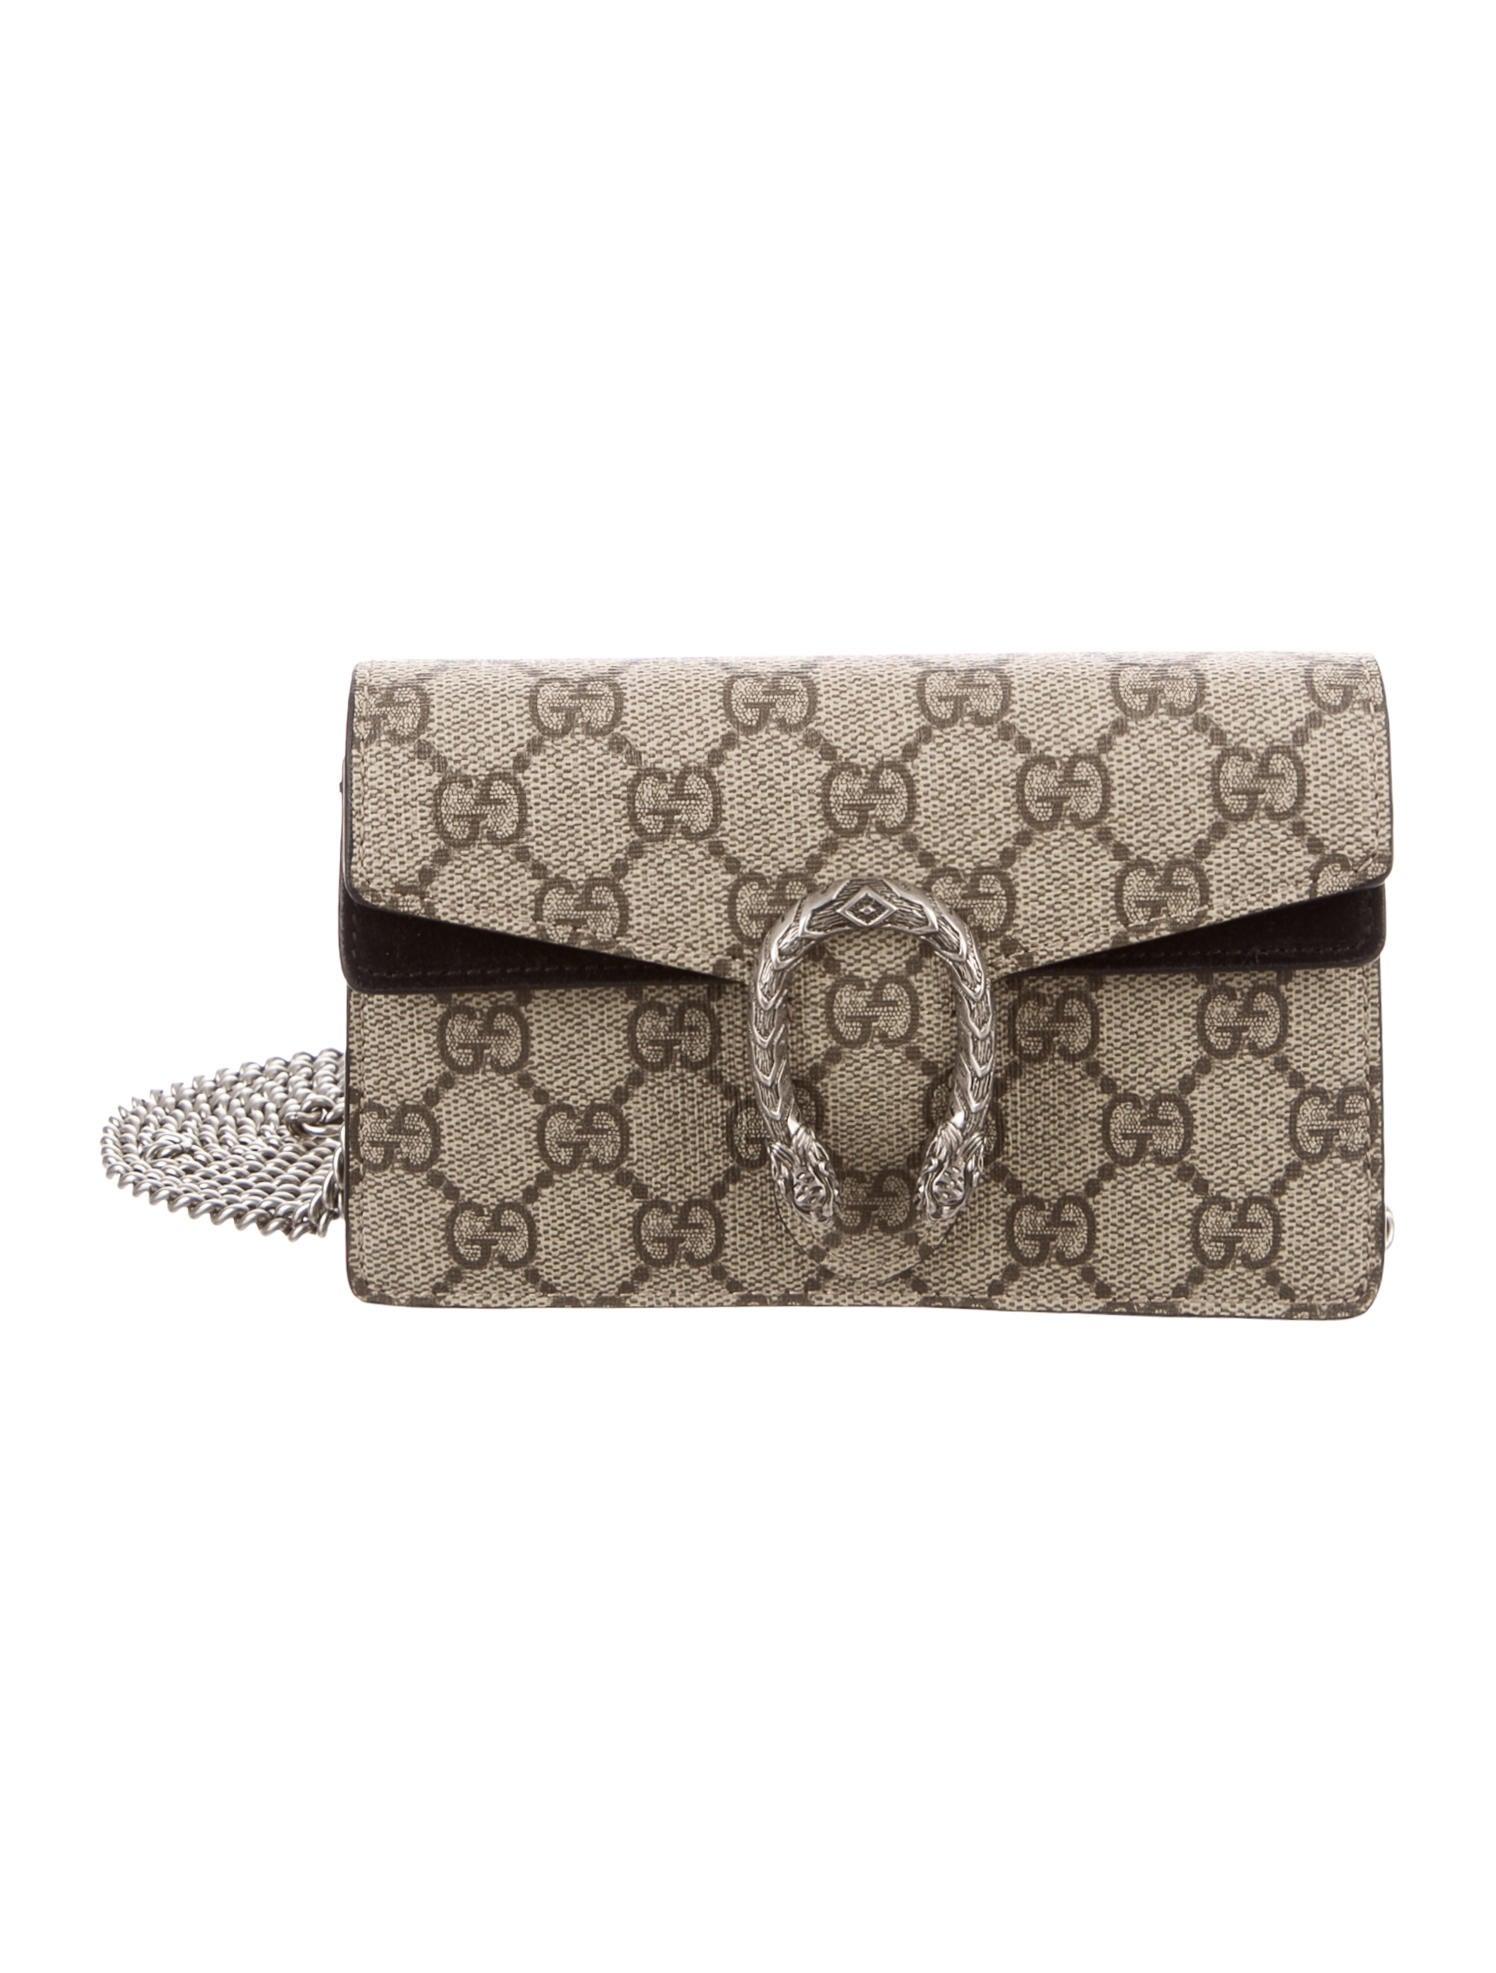 741a9620a21cc Gucci Dionysus GG Supreme Super Mini Bag - Handbags - GUC178894 ...